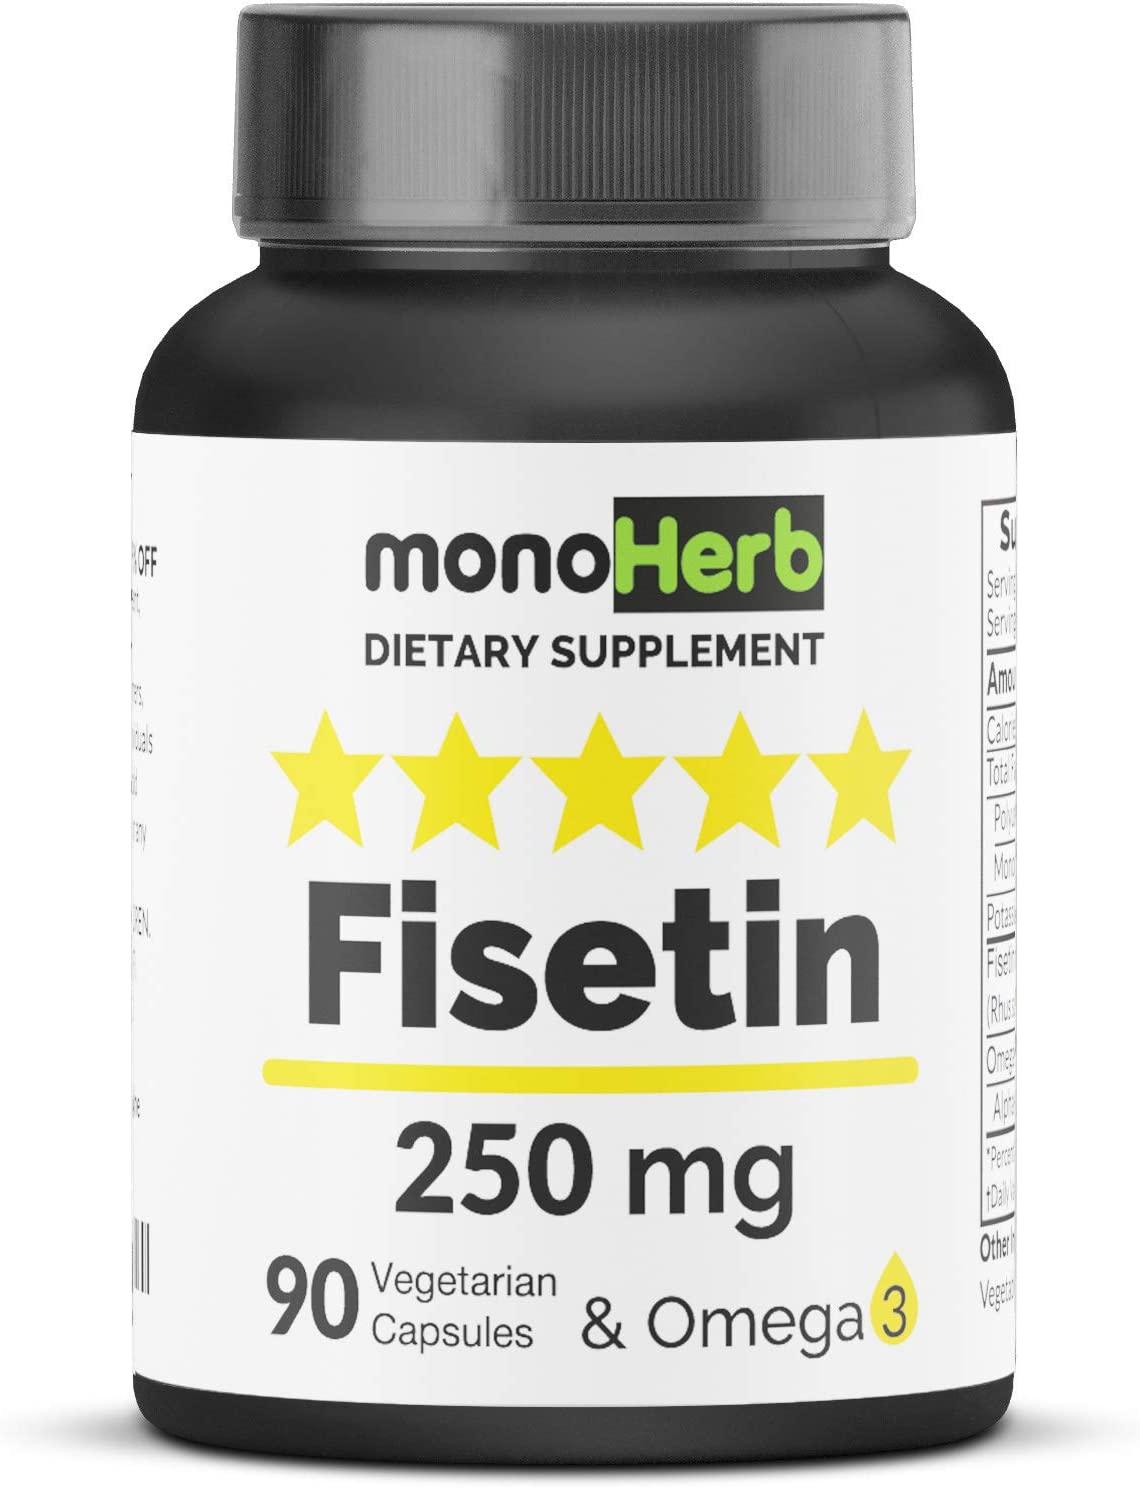 Fisetin 250 mg per Capsule - 90 Vegetarian Capsules